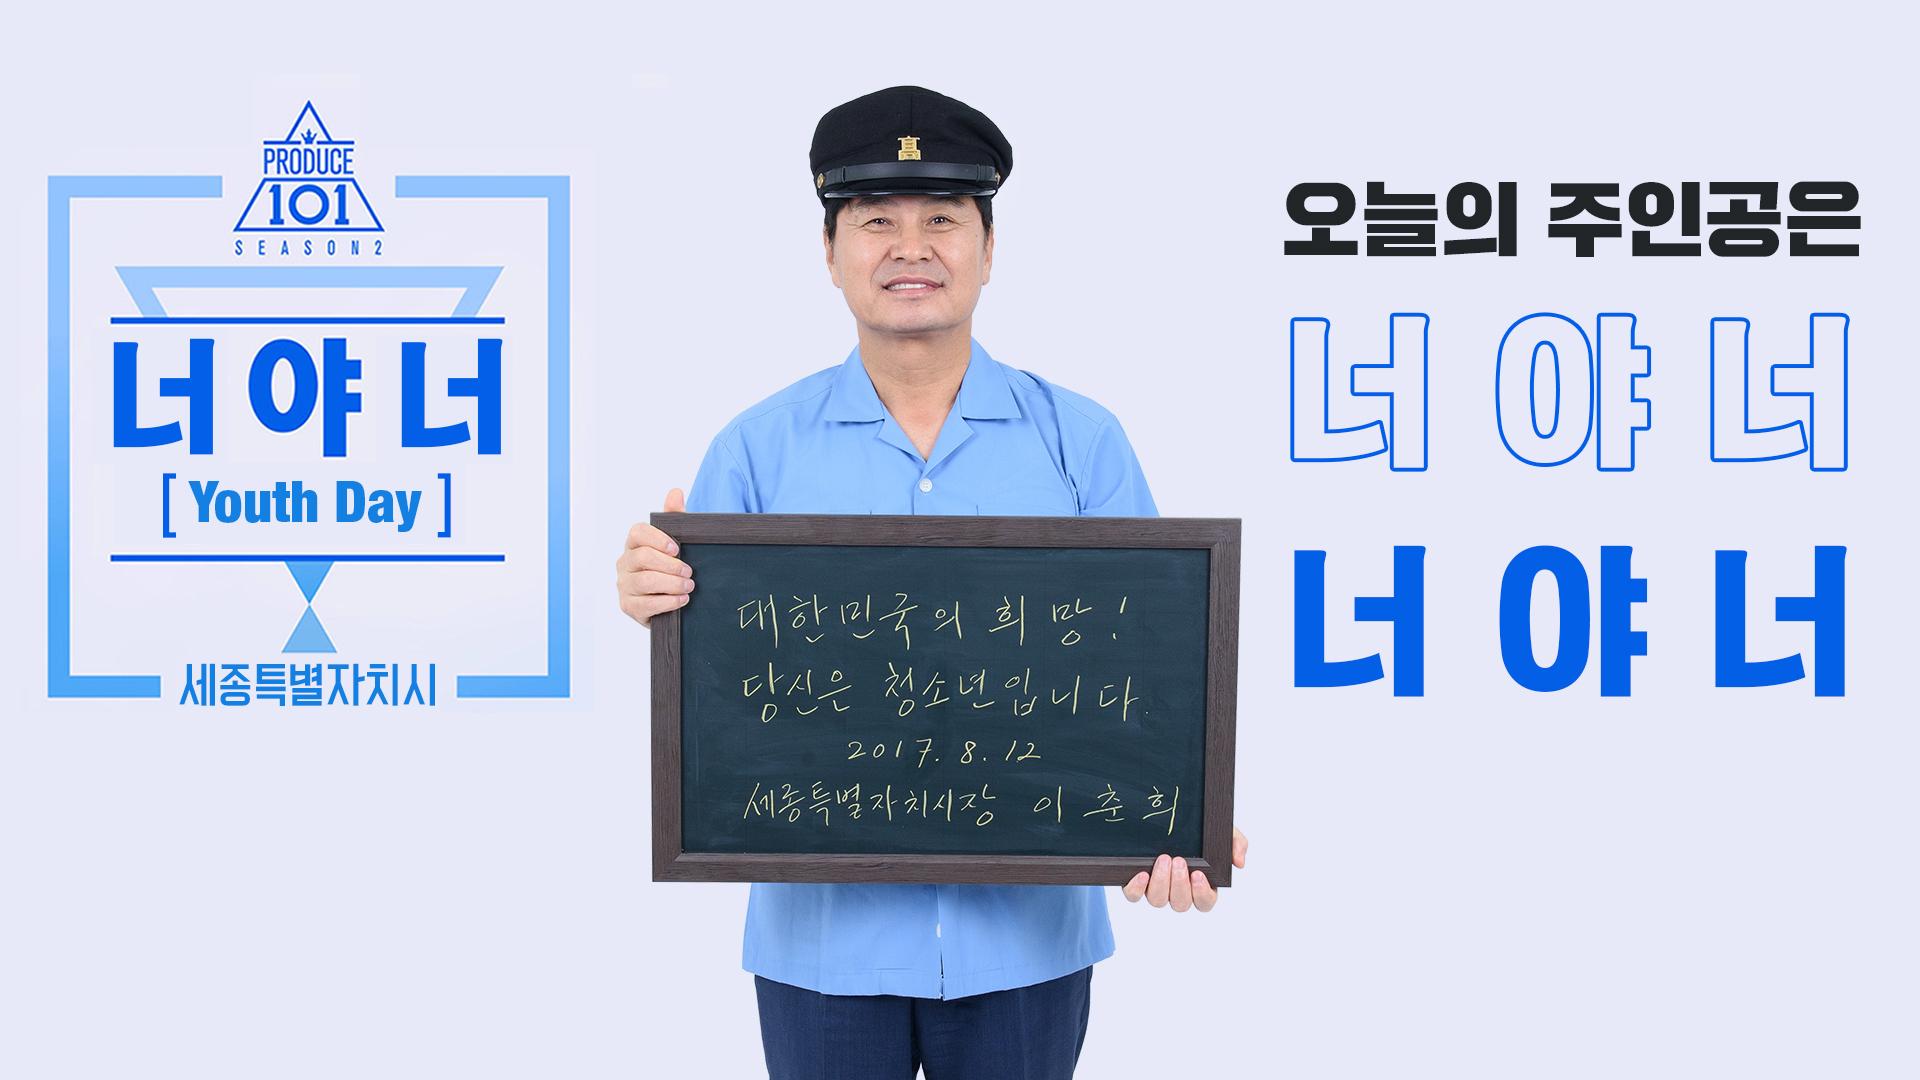 <소통영상> 청소년 응원 릴레이 이벤트 너야너!